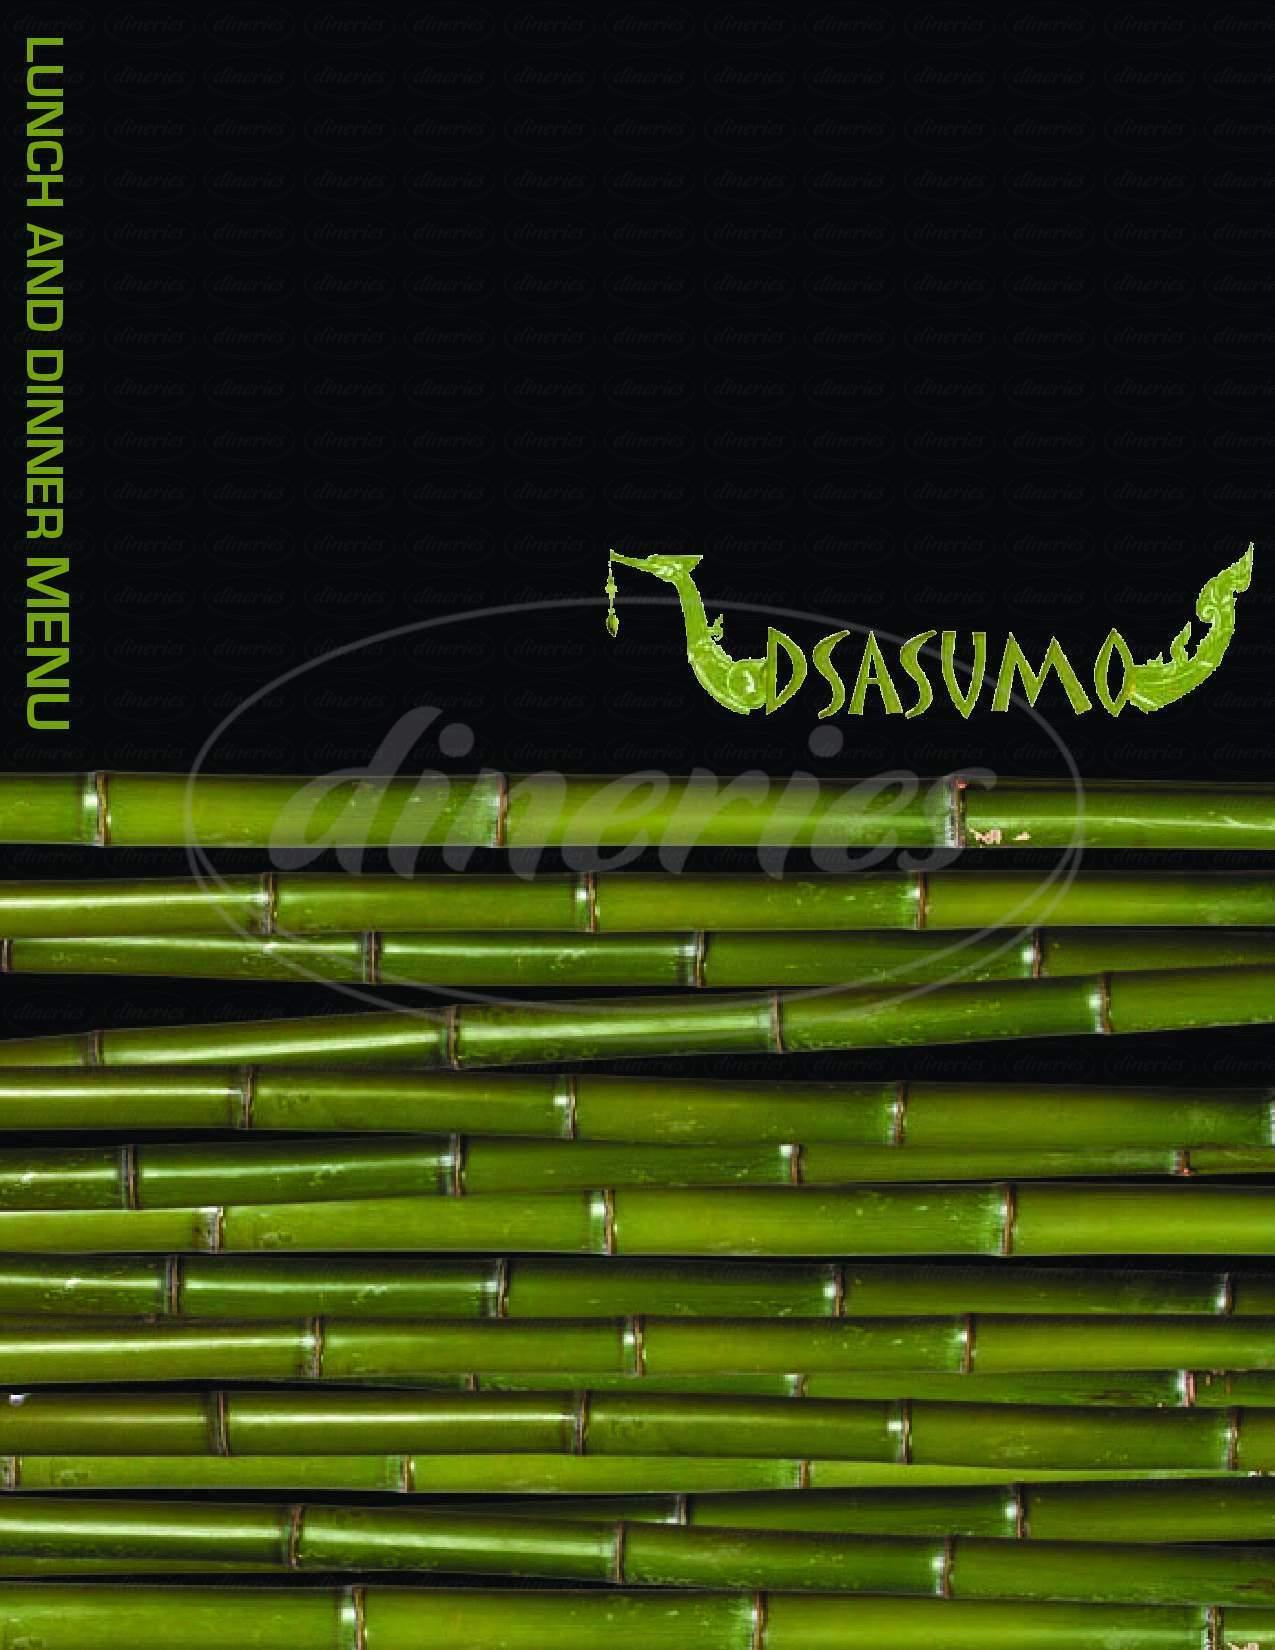 menu for Dsasumo